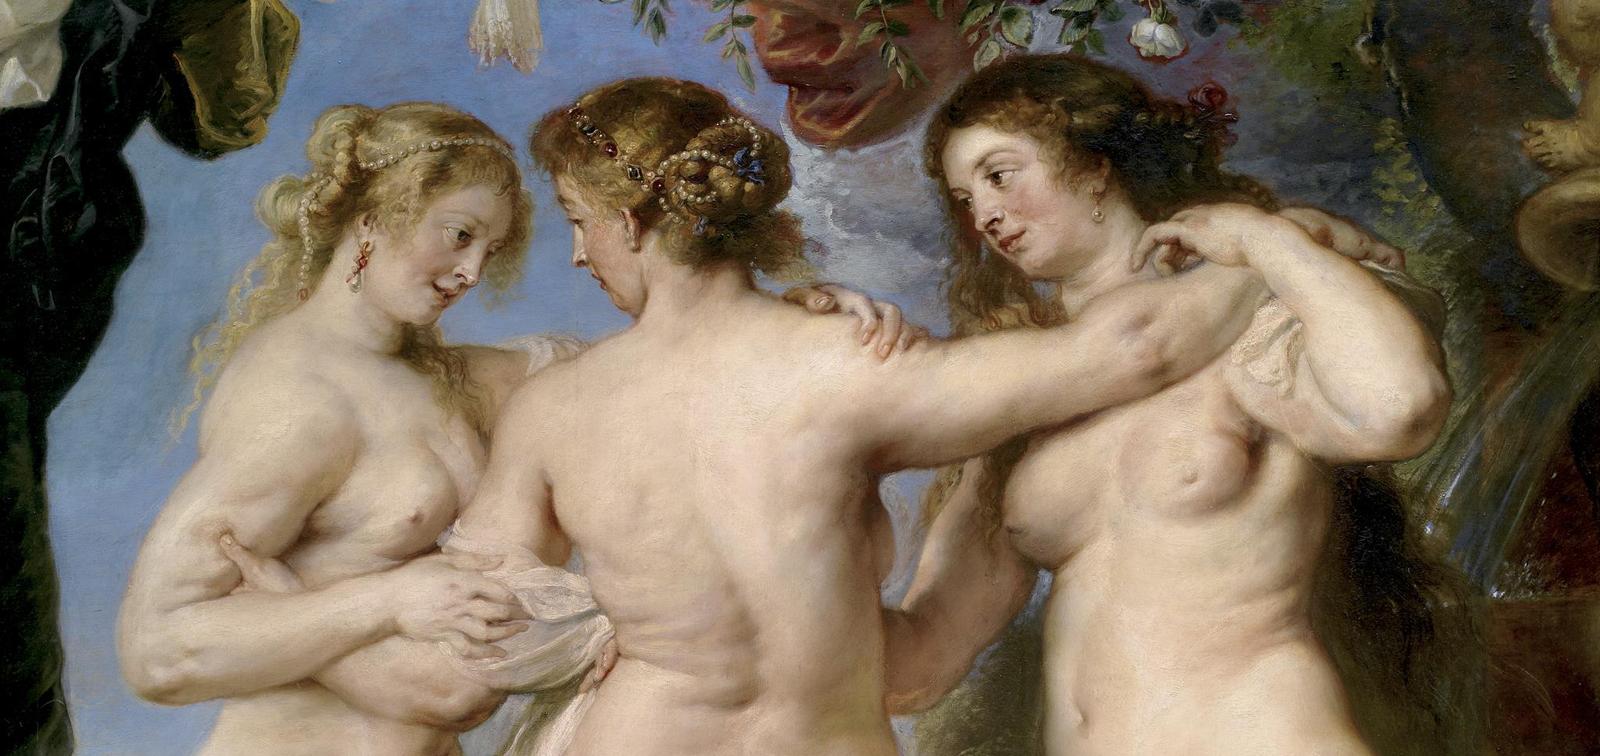 Exposición didáctica: El Museo del Prado en Bata